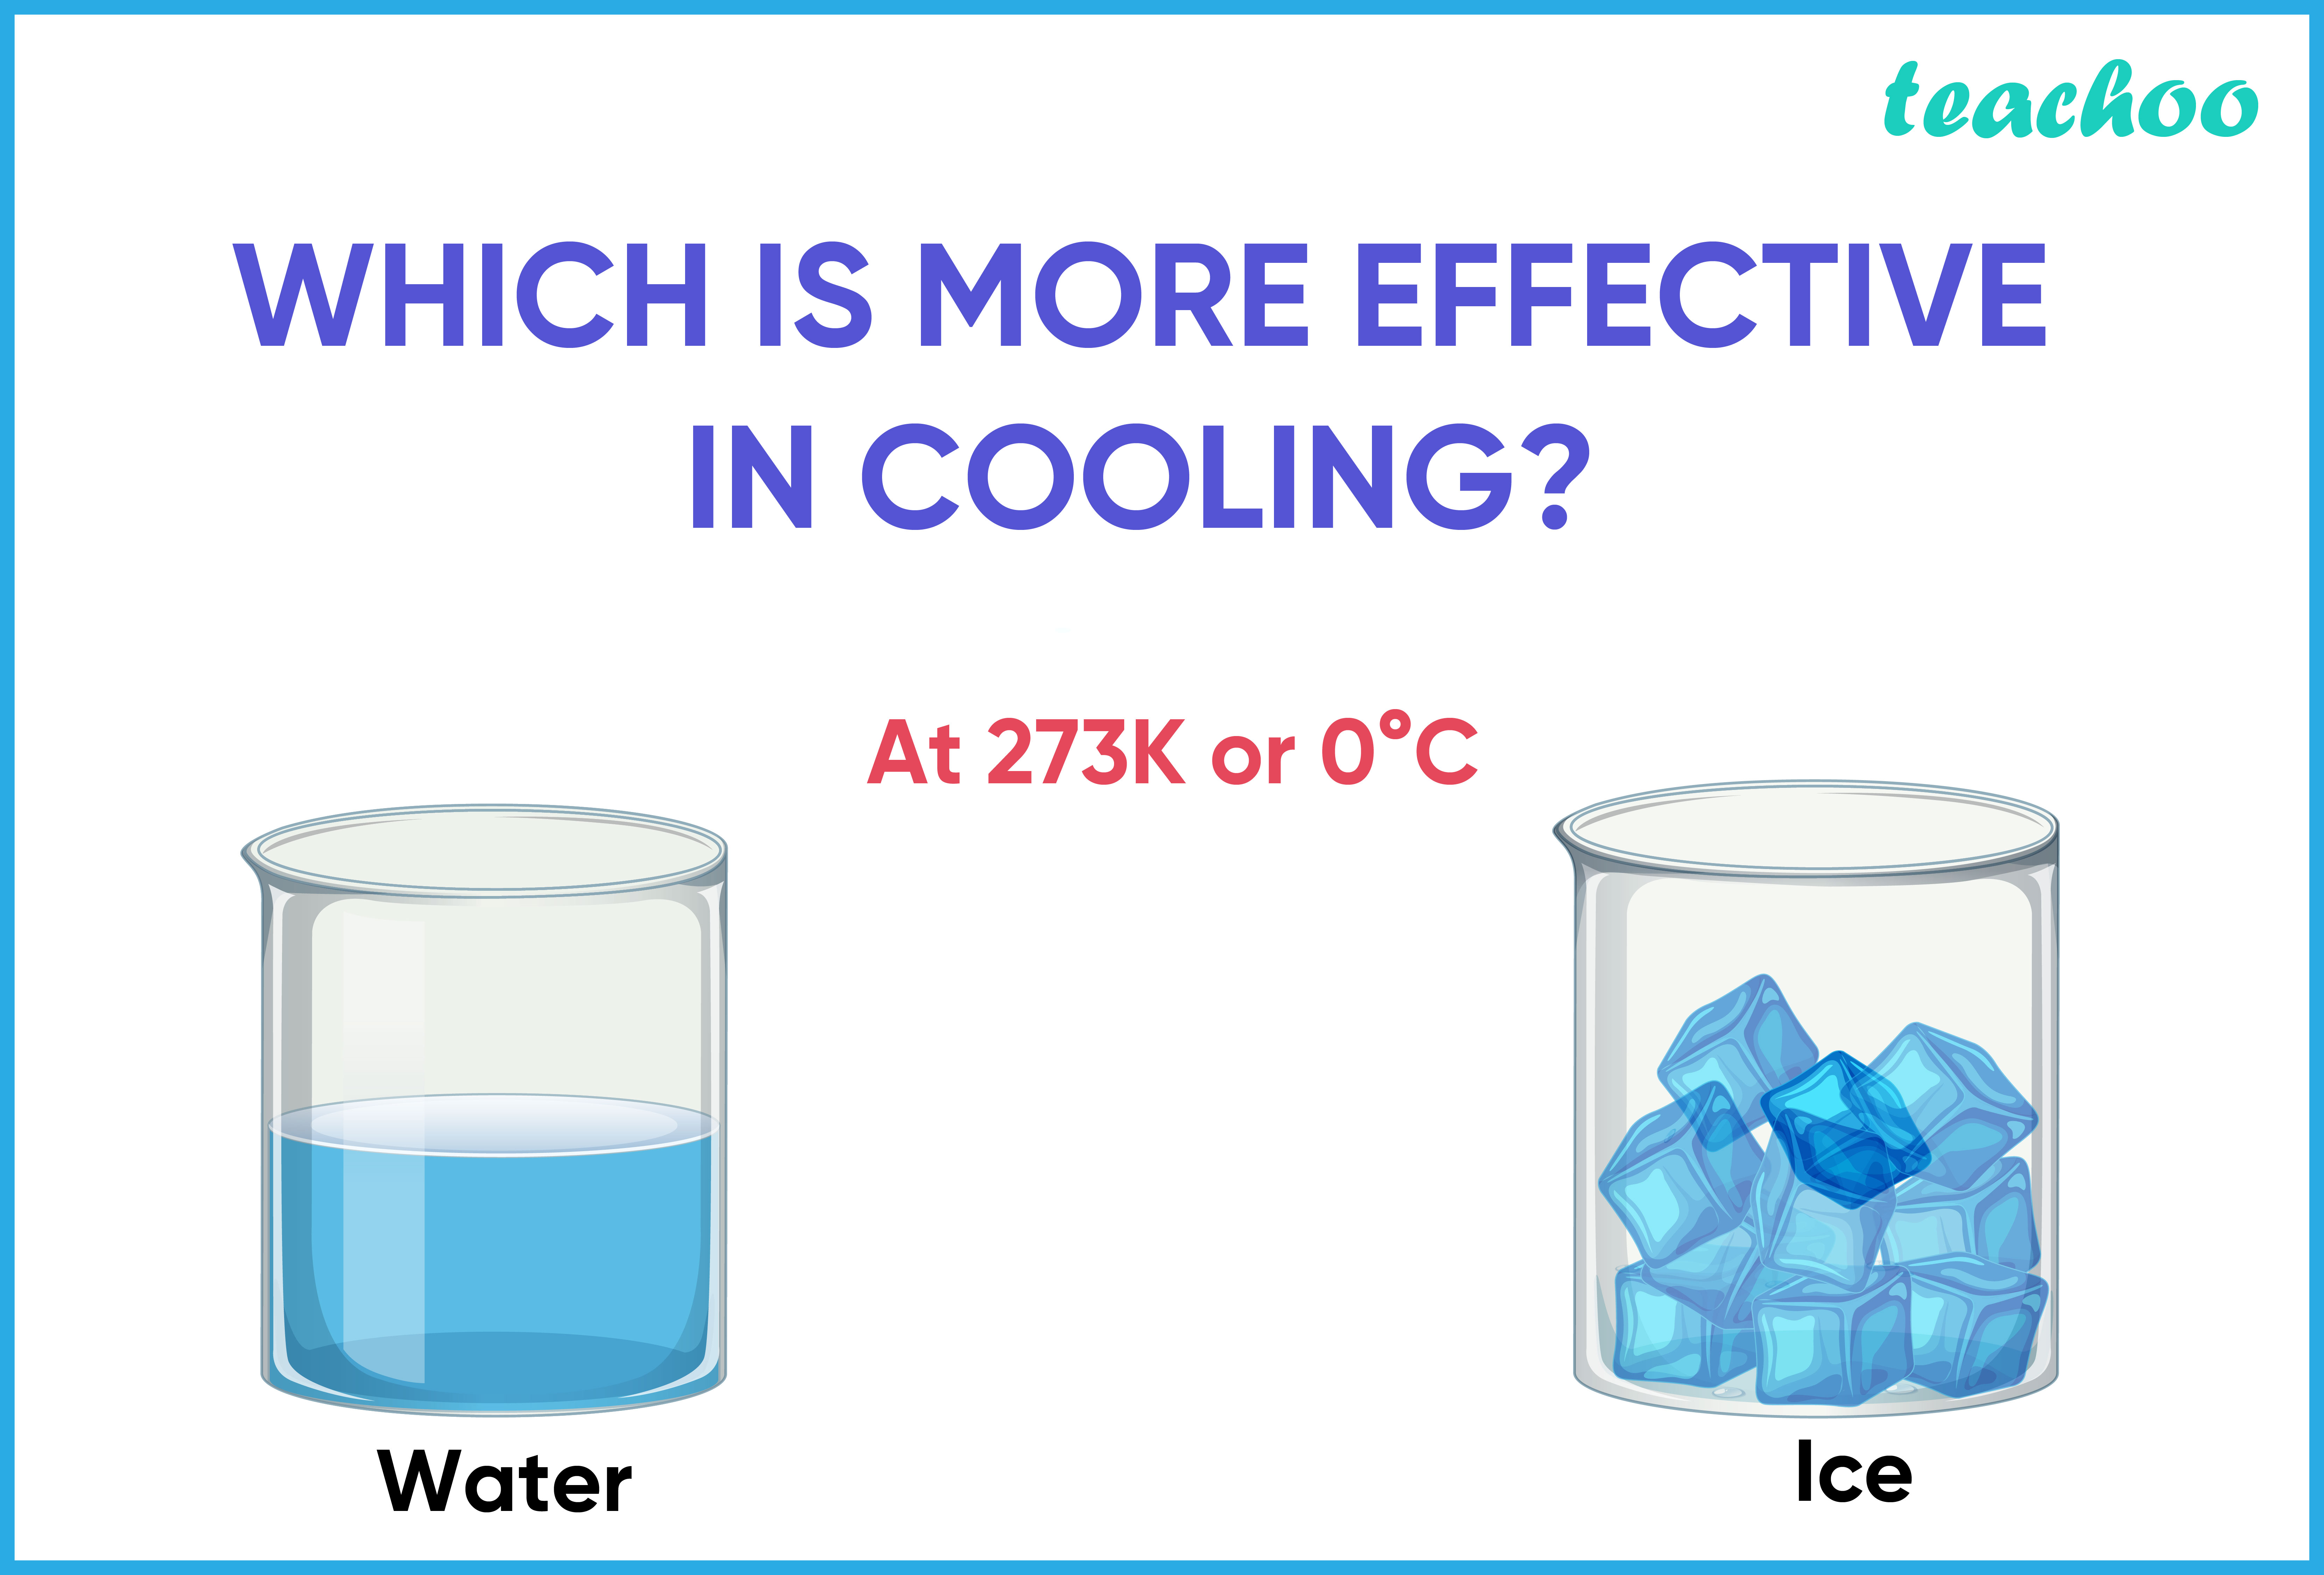 More effective in cooling-Teachoo.jpg